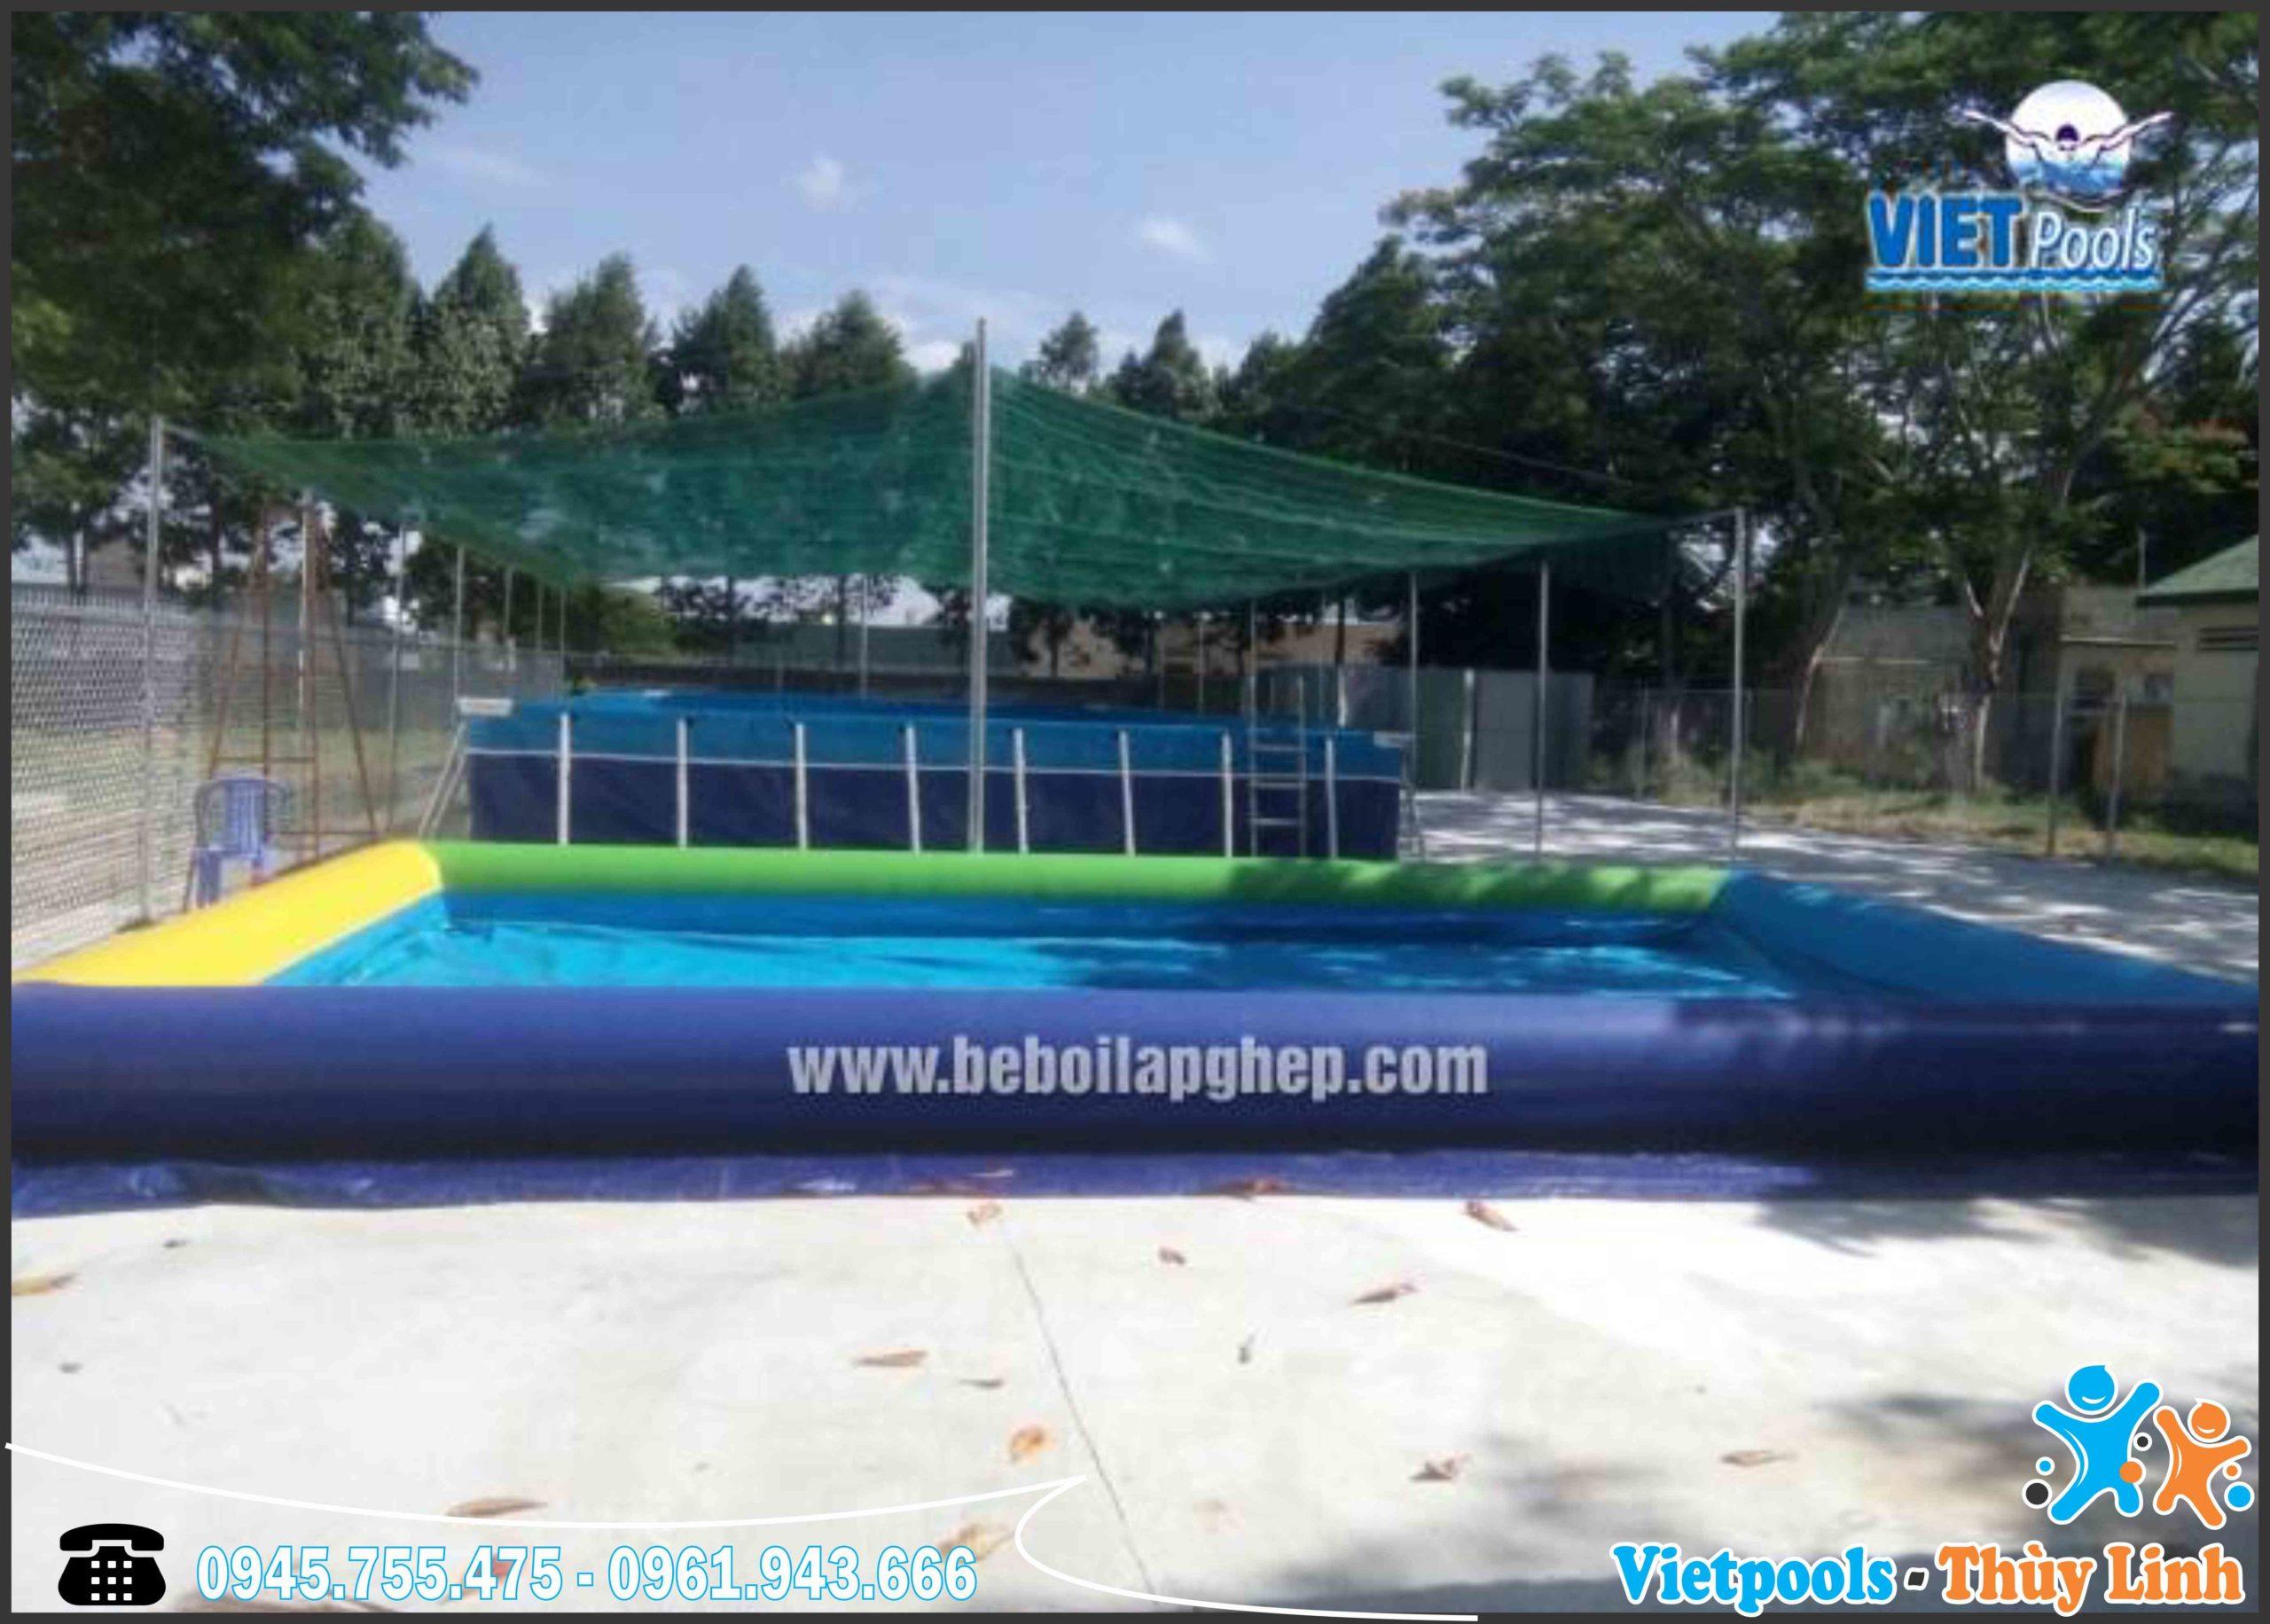 Xưởng sản xuất bể bơi thông minh hàng đầu Việt Nam 6